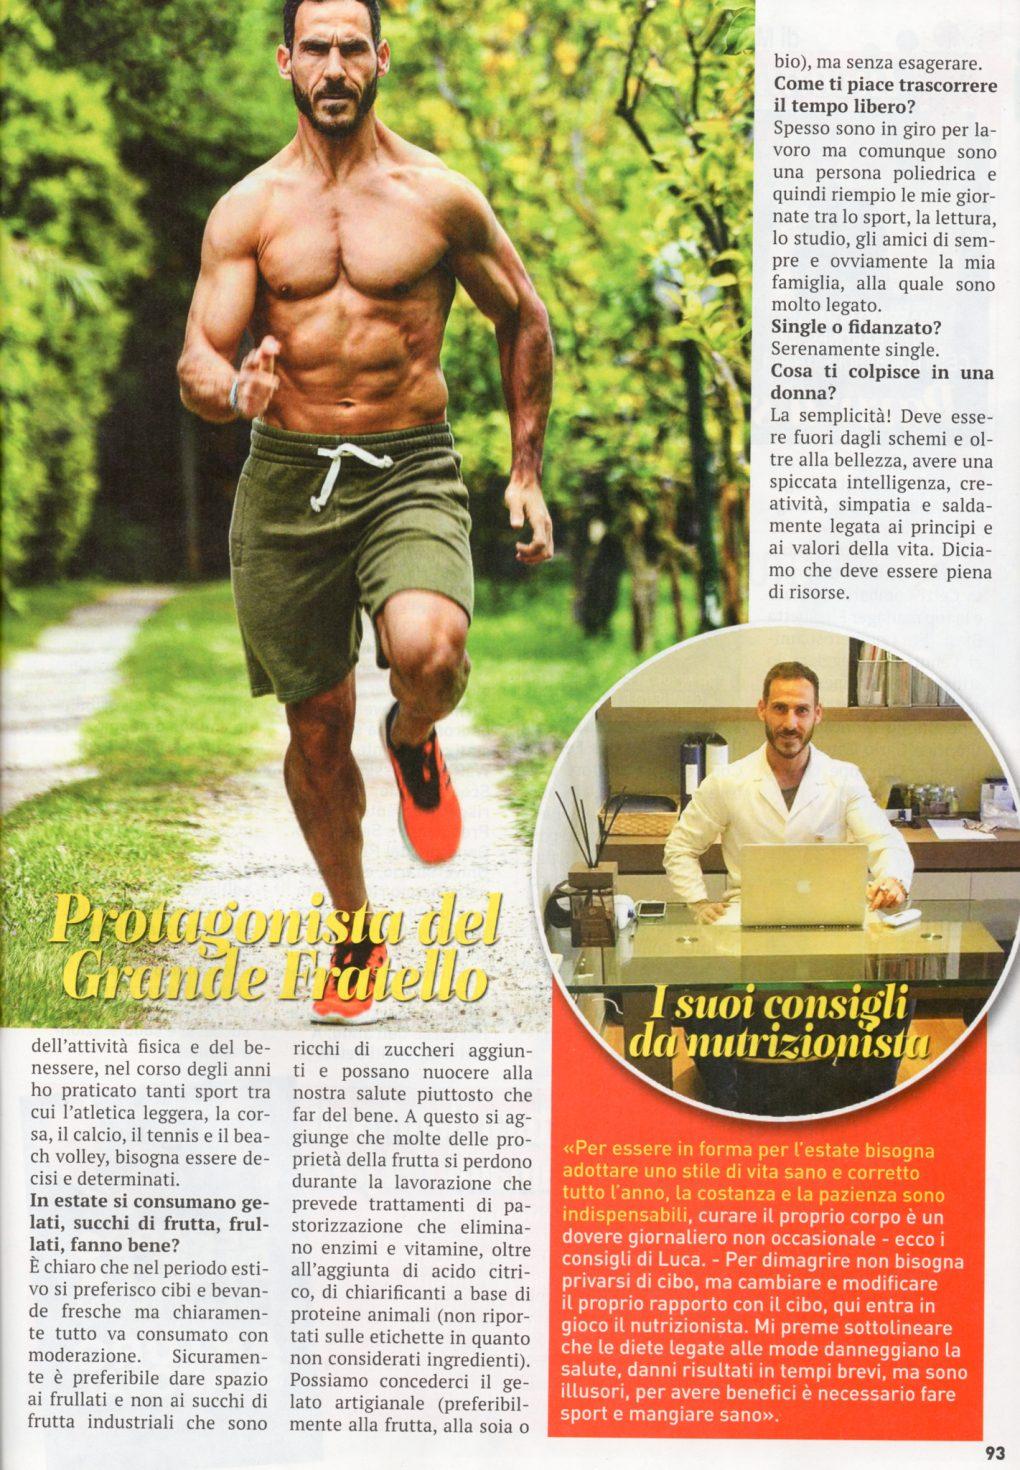 VIP 859 15 LUGLIO Luca Photo www.gabrieleardemagni.com